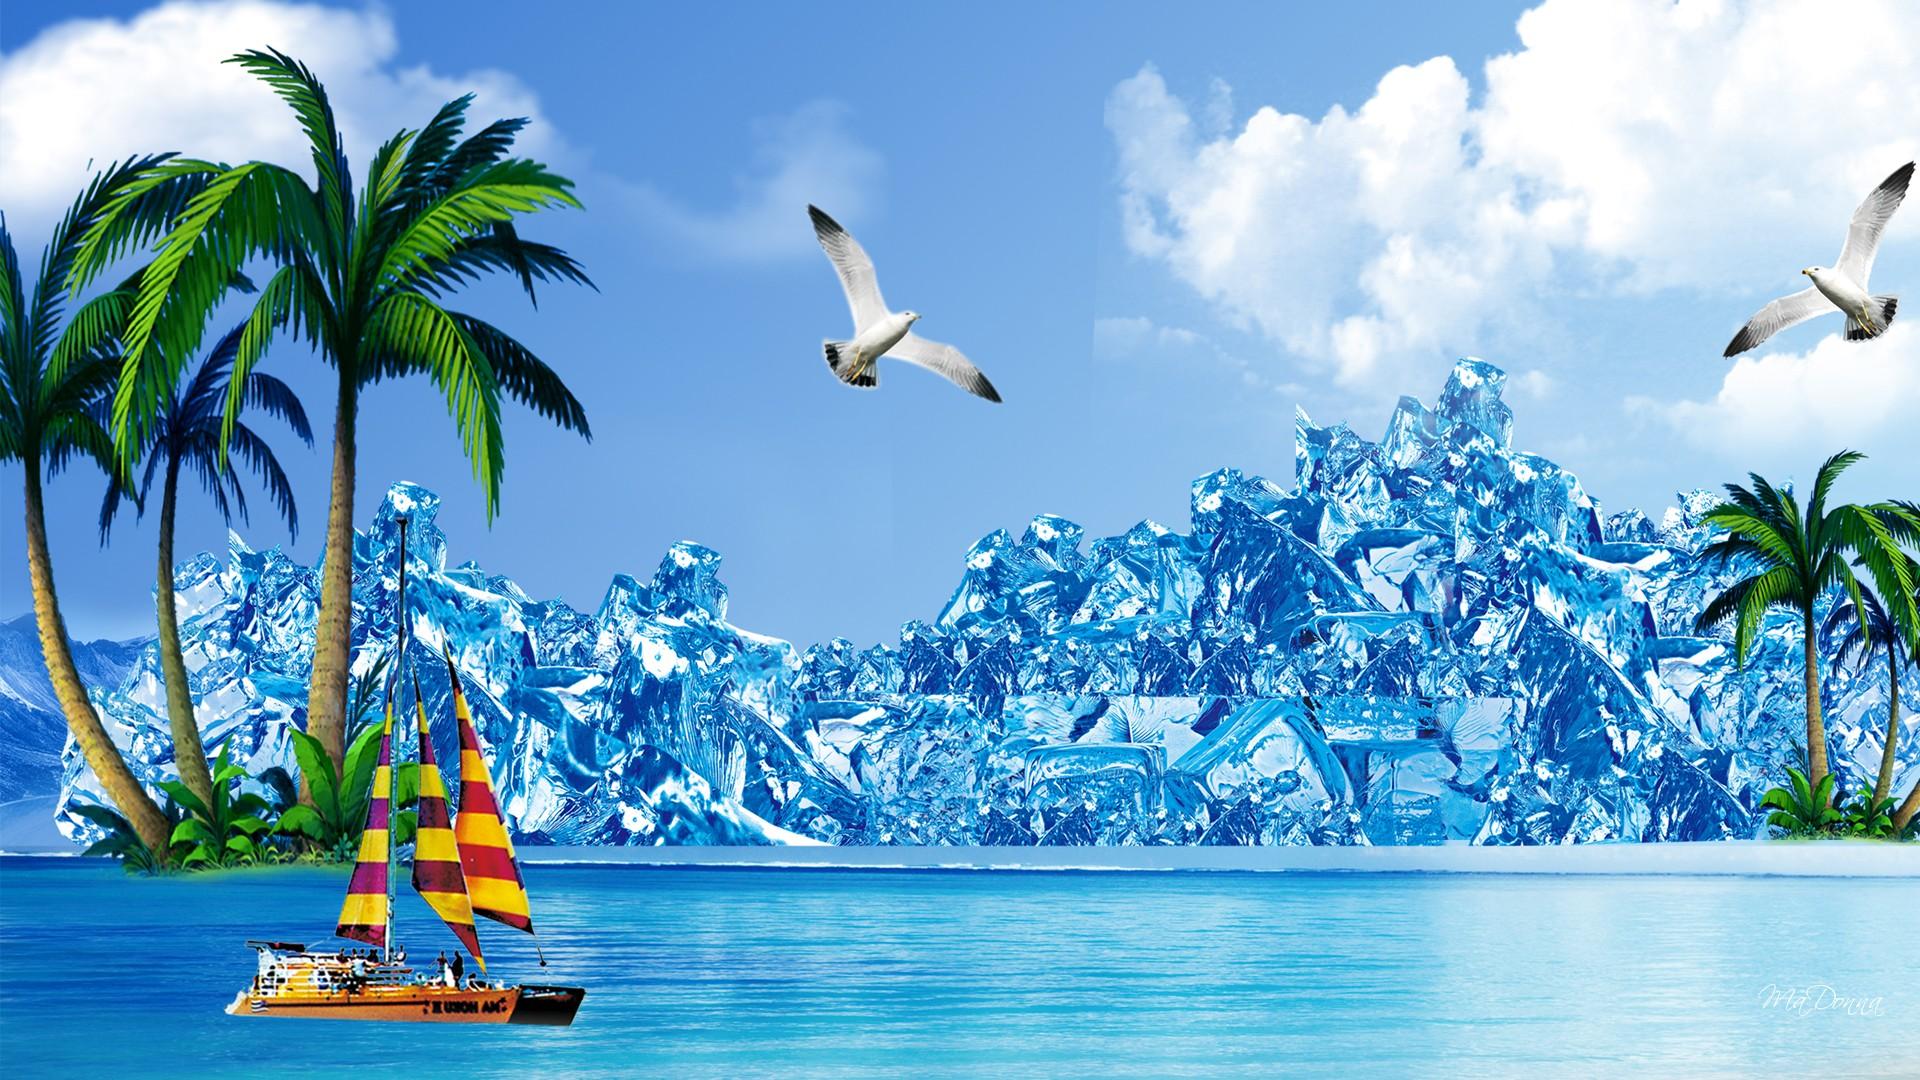 Summer Nature Desktop Backgrounds 1920x1080 Download Hd Wallpaper Wallpapertip